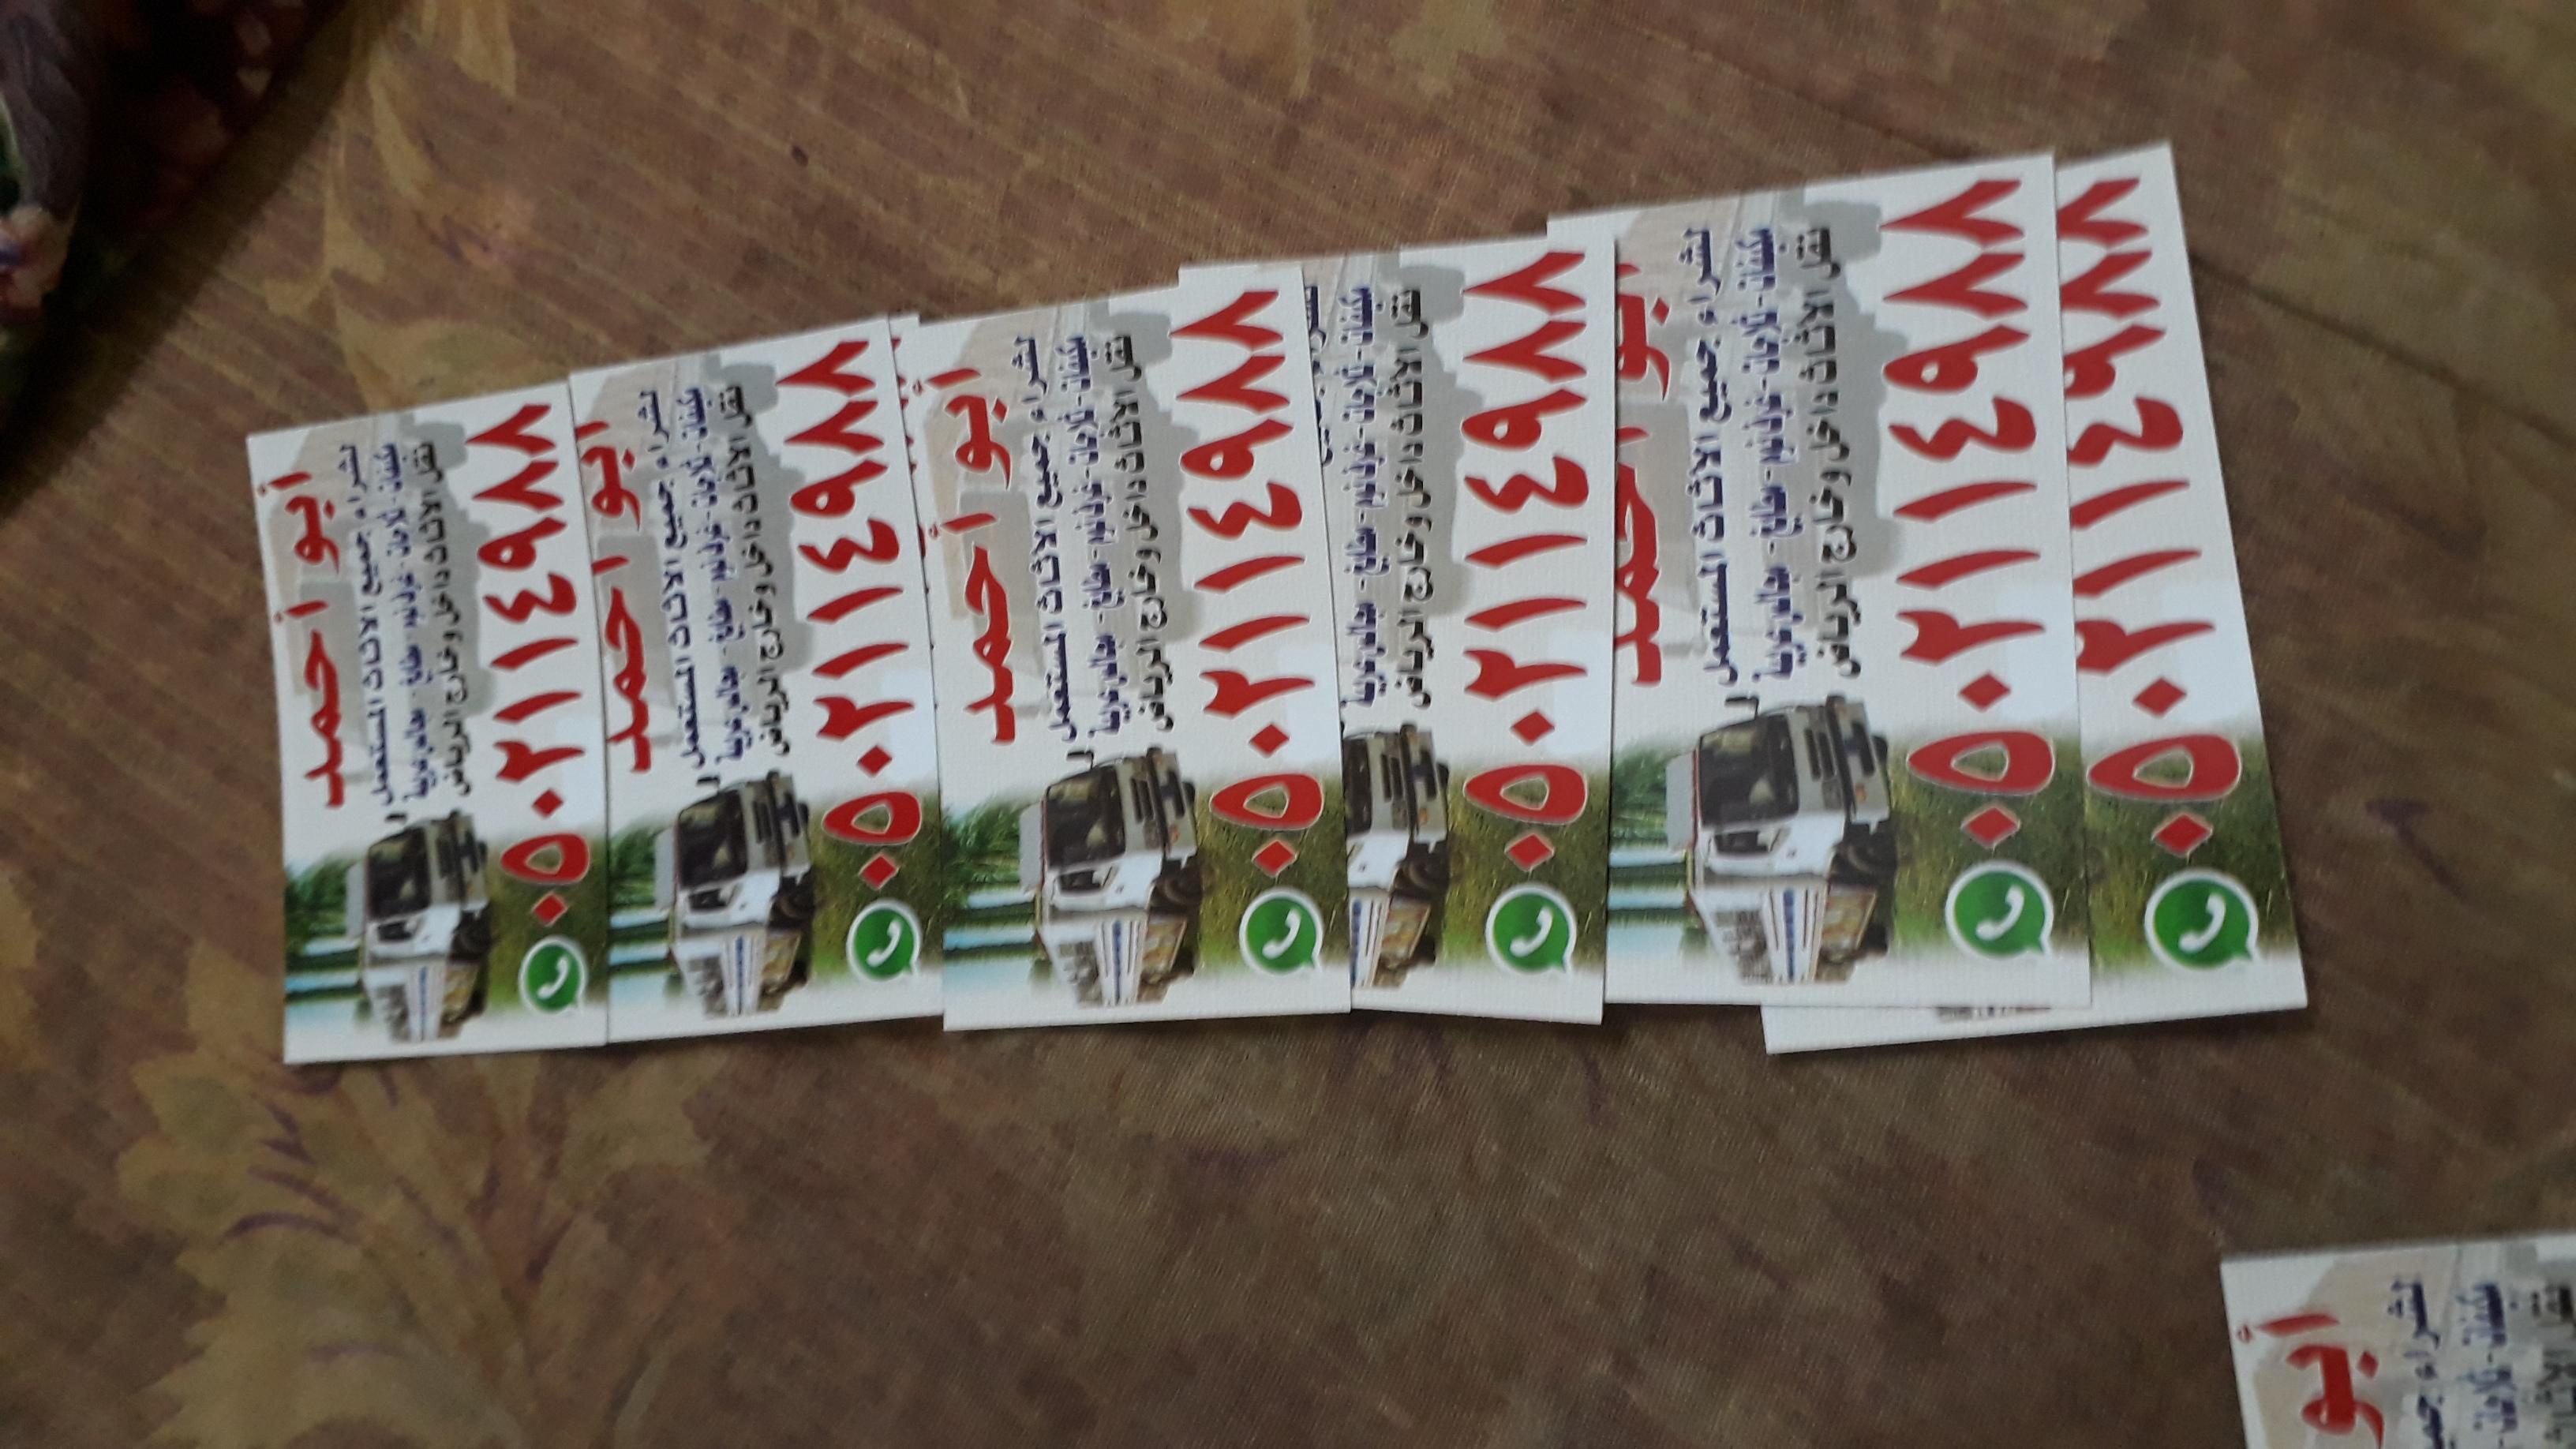 شراء اثاث مستعمل شرق الرياض 0502114988 حي الربيع